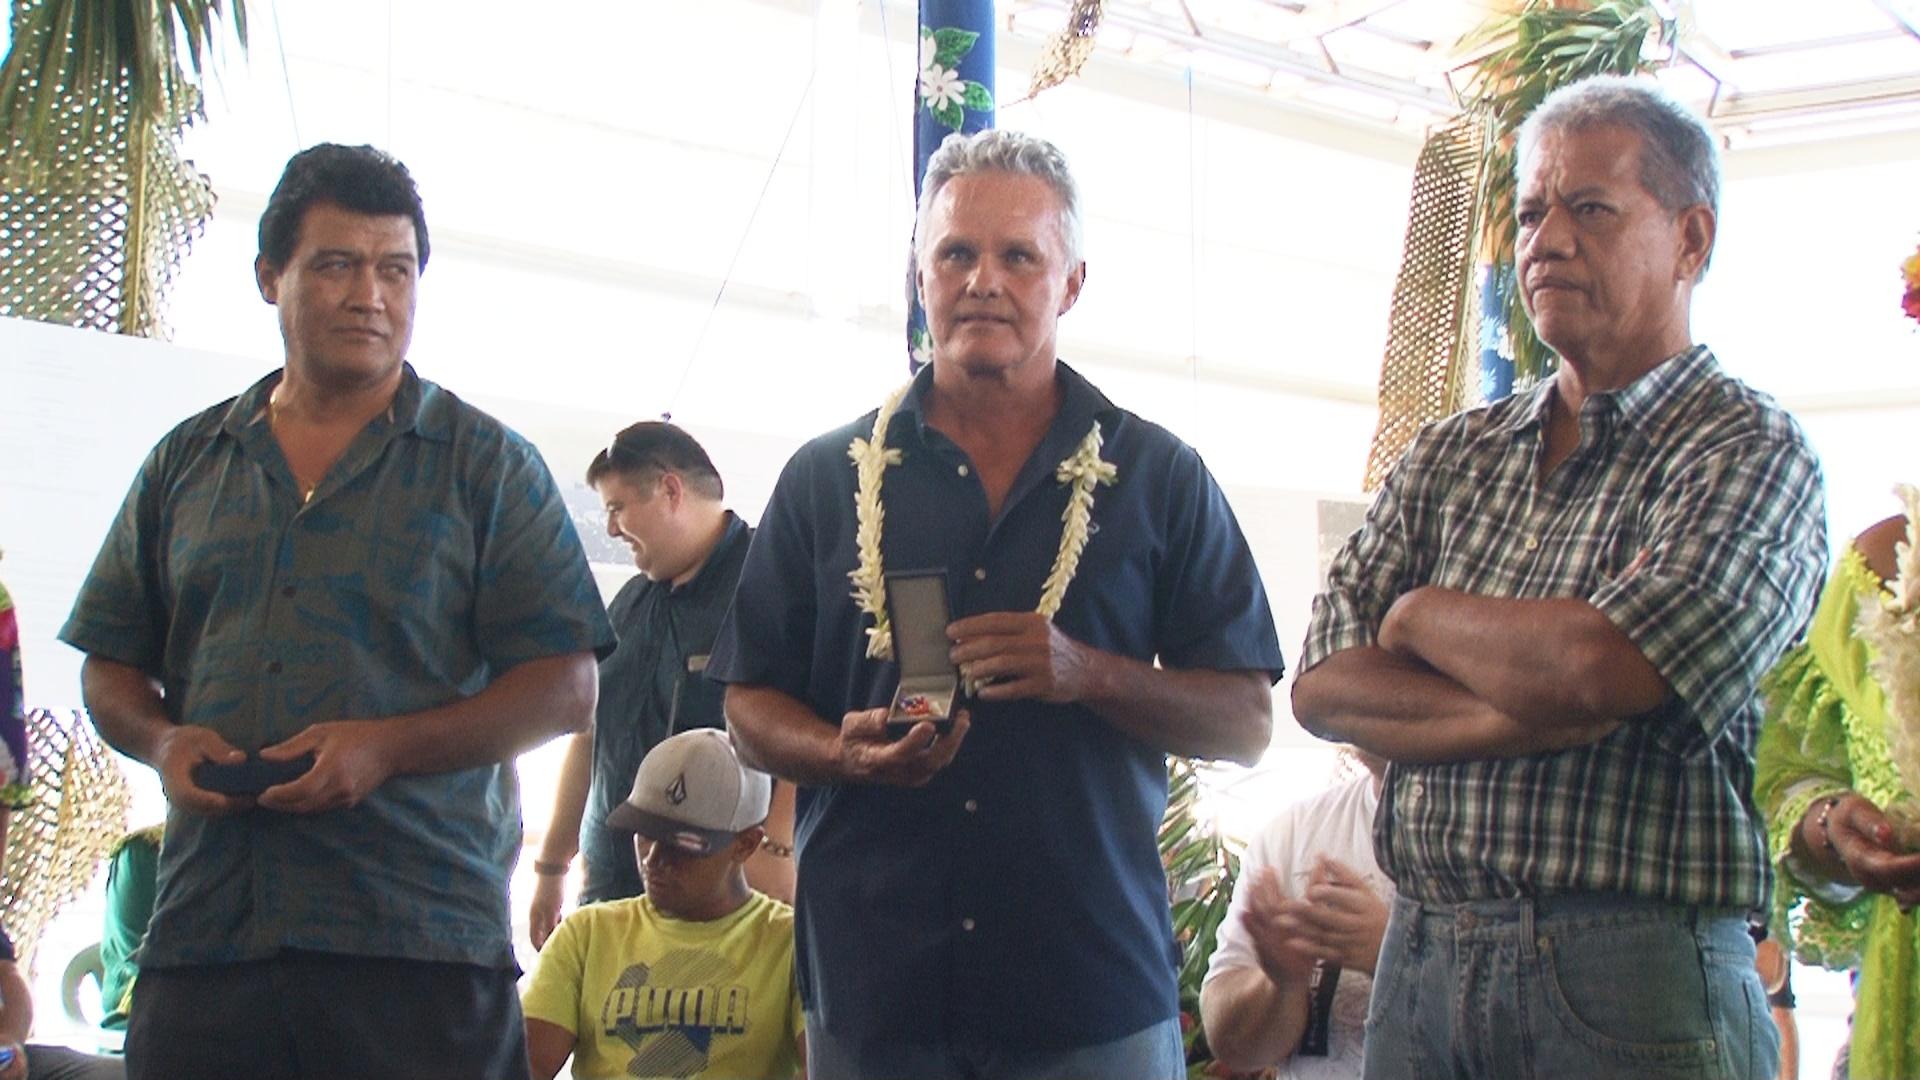 Les agents récompensés par la médaille 14